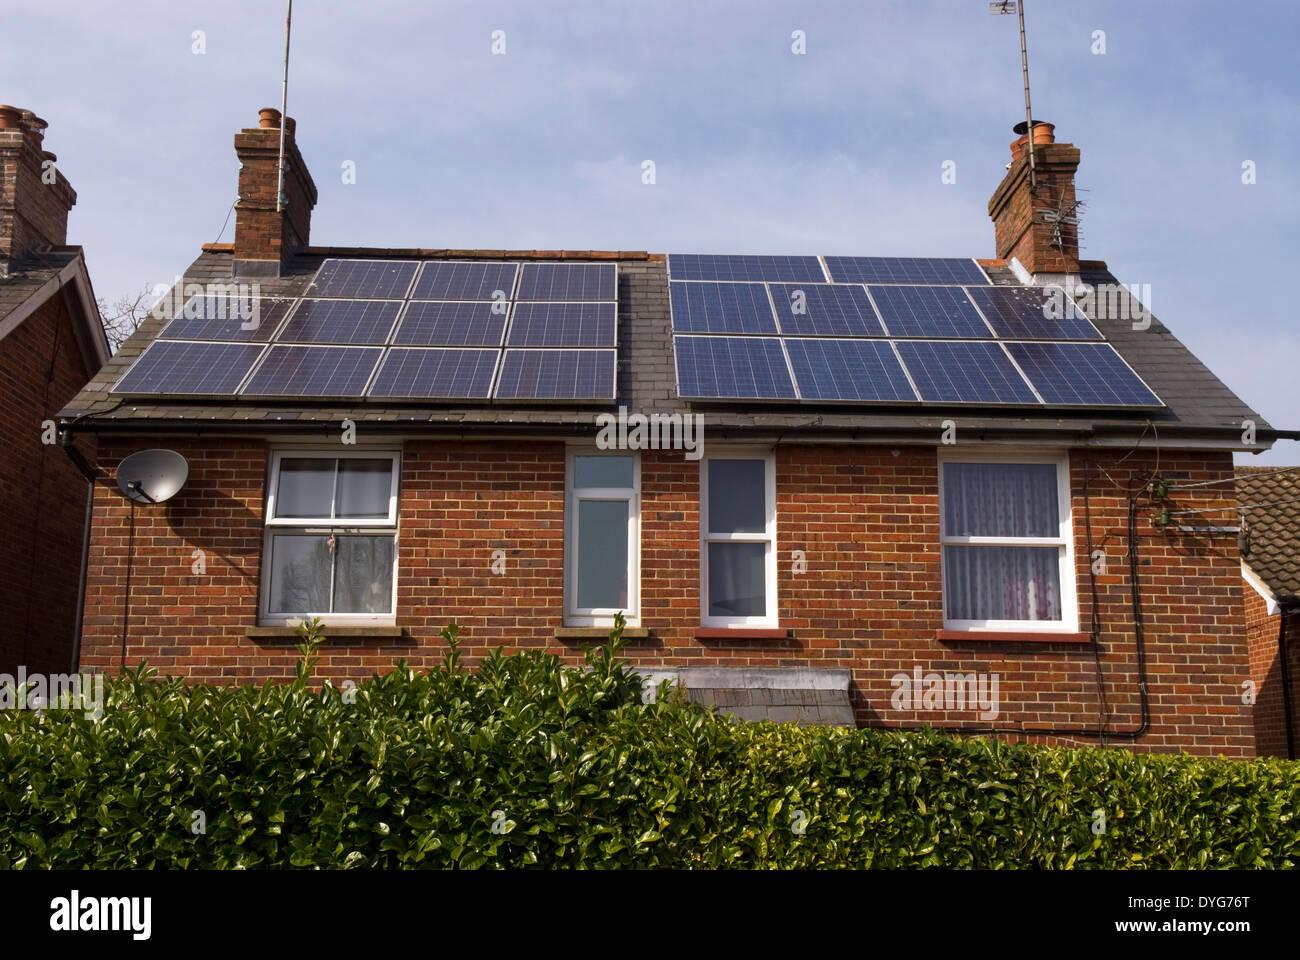 House with solar panels on roof, Lindford, near Bordon, Hampshire, UK. - Stock Image